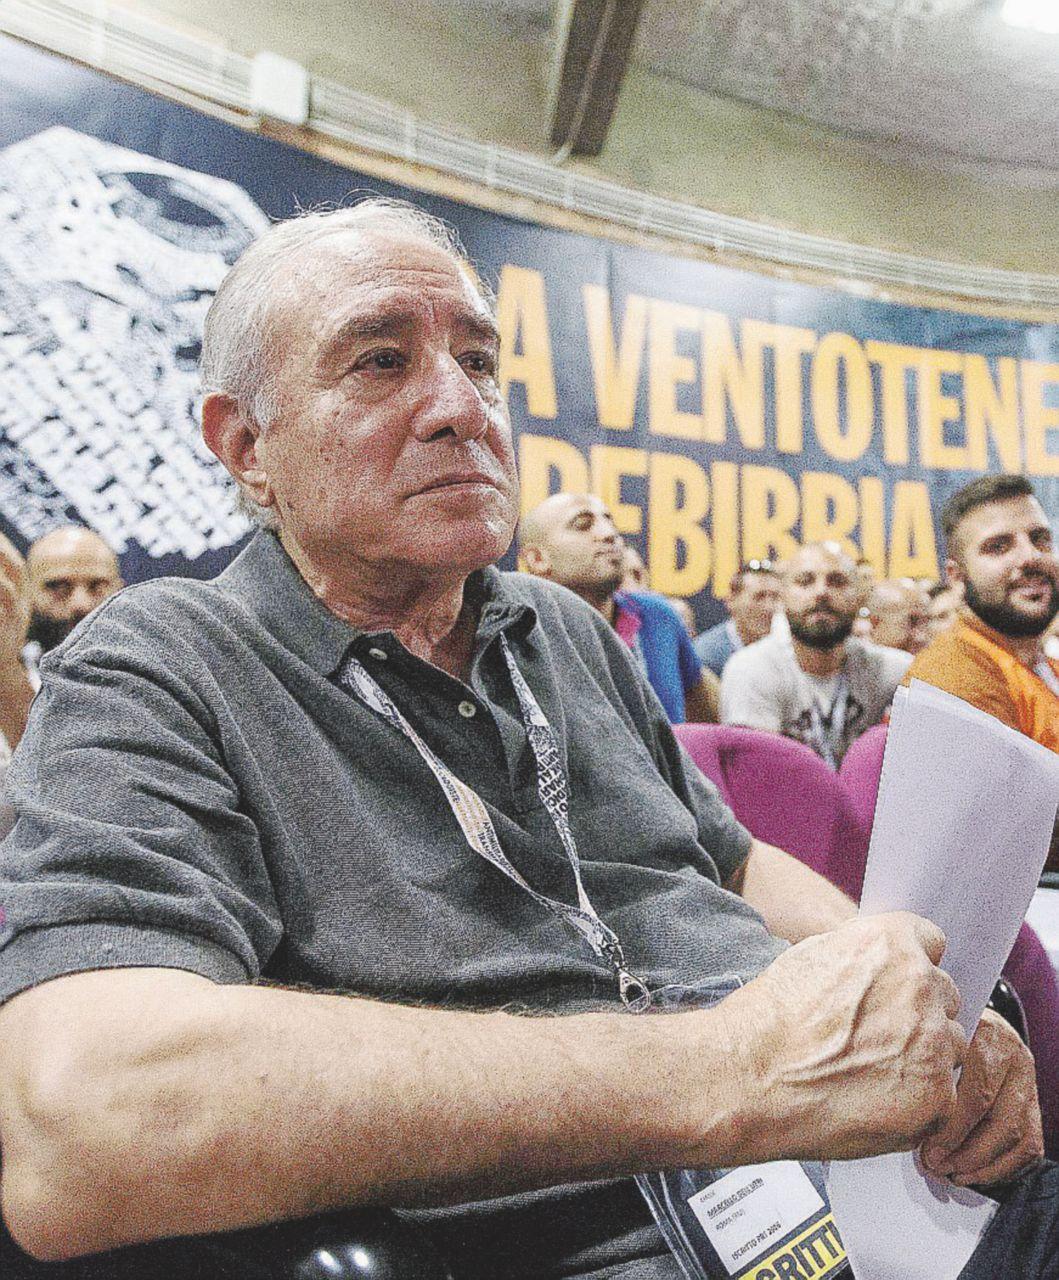 Caso Dell'Utri, tocca al Pg di Palermo gestire la situazione